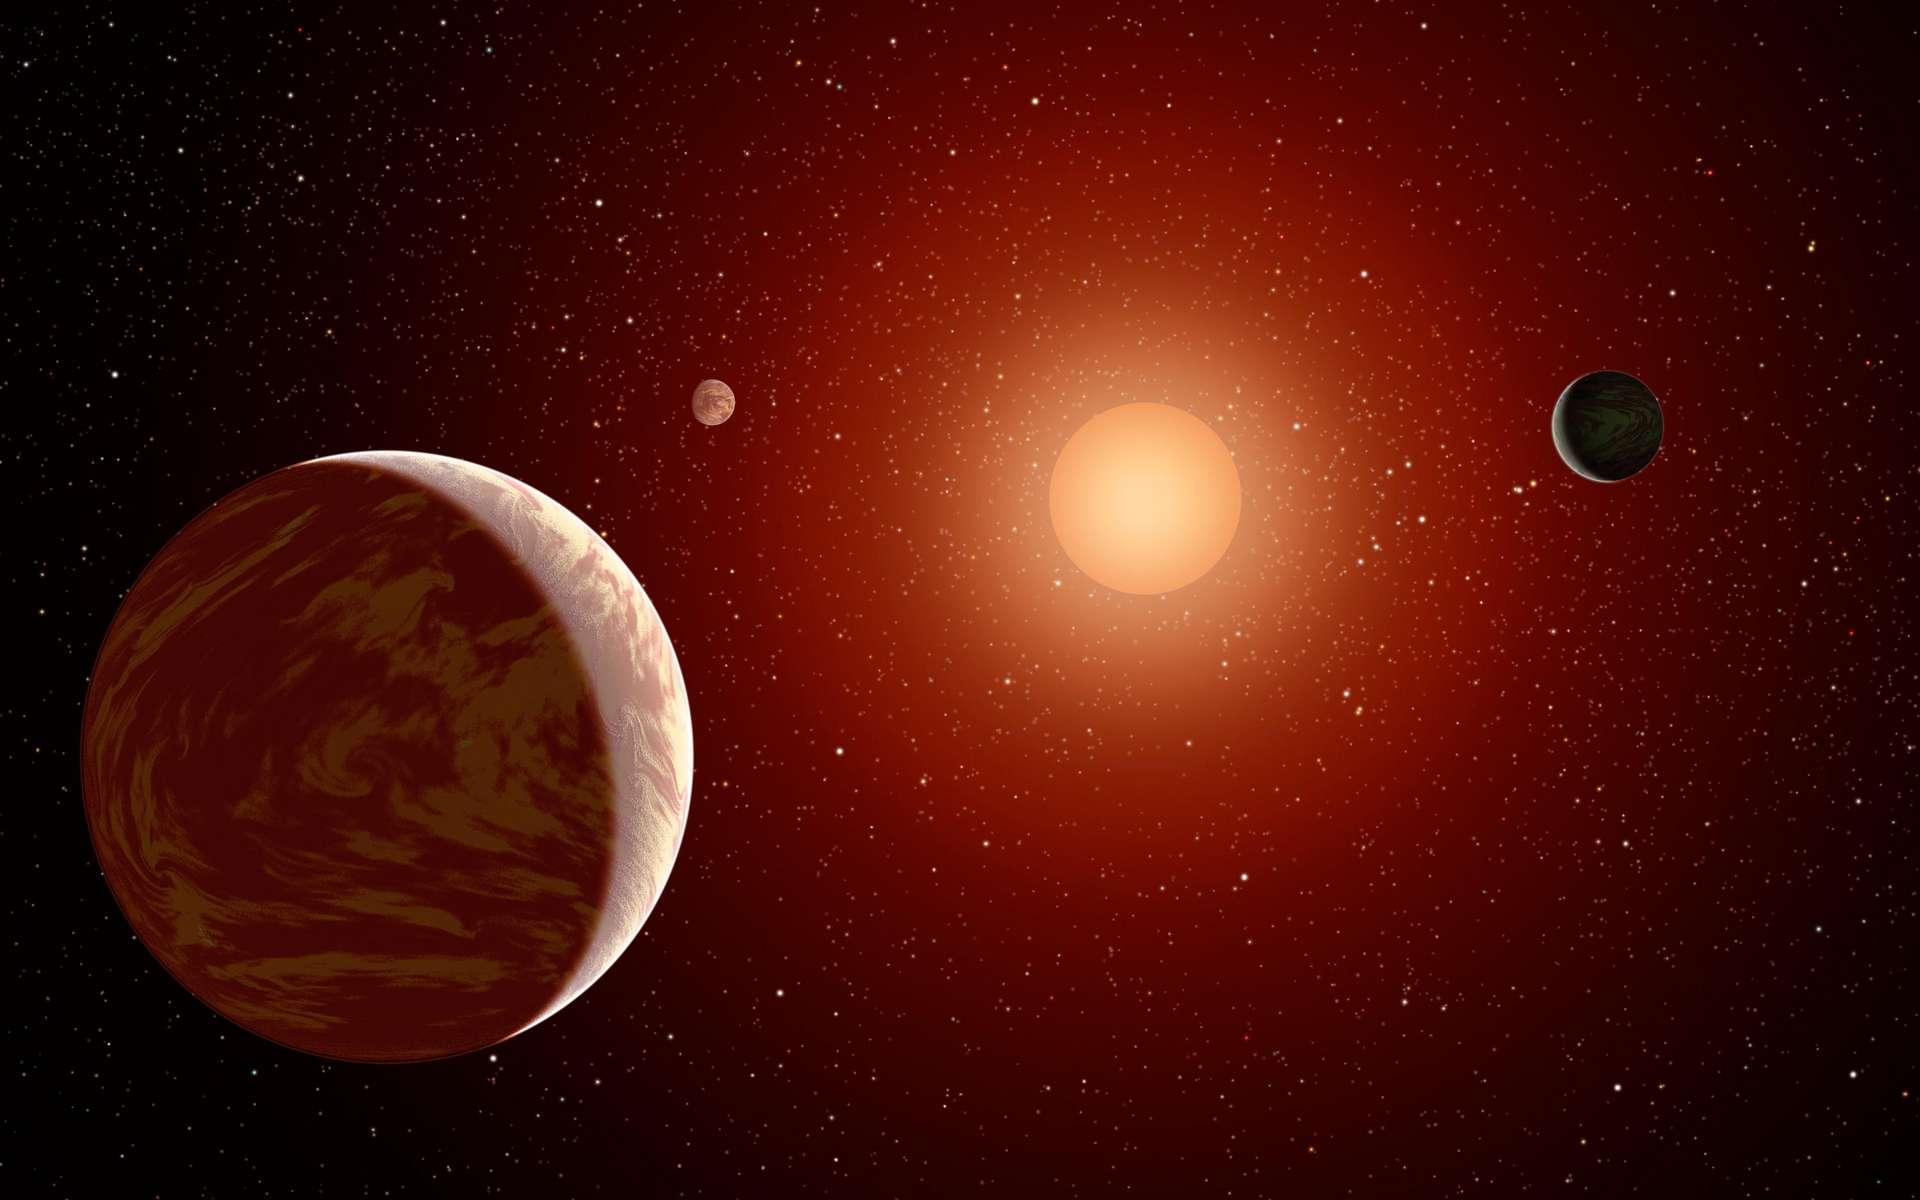 Vue d'artiste d'une étoile naine rouge avec trois exoplanètes en orbite qui pourraient éjecter des comètes dans le milieu interstellaire. © Nasa, JPL-Caltech